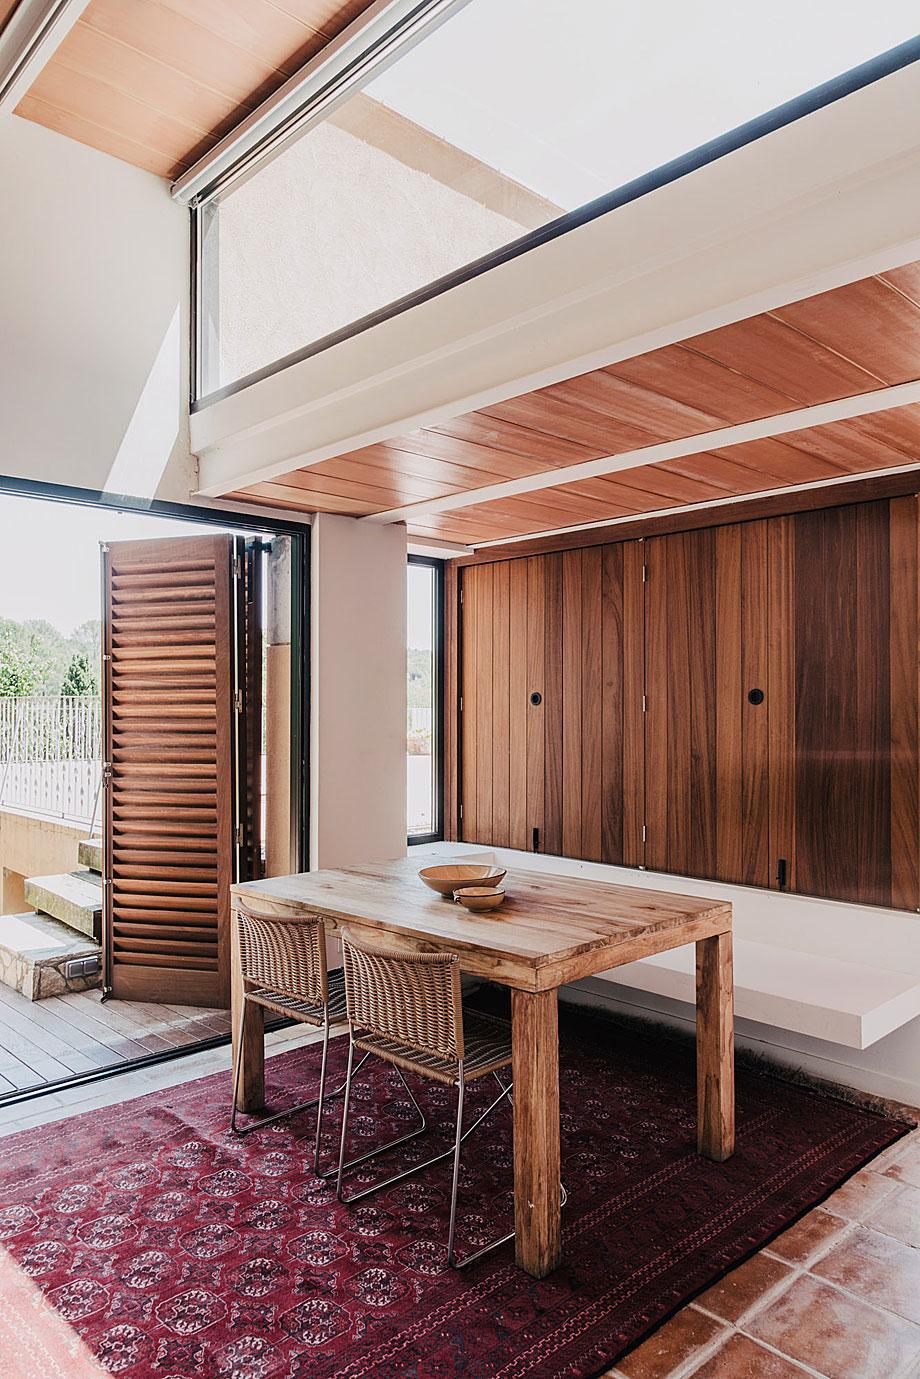 mesura-architecture-sant-mori-ampliacion-girona-housing-project-spain-arquitectura-5